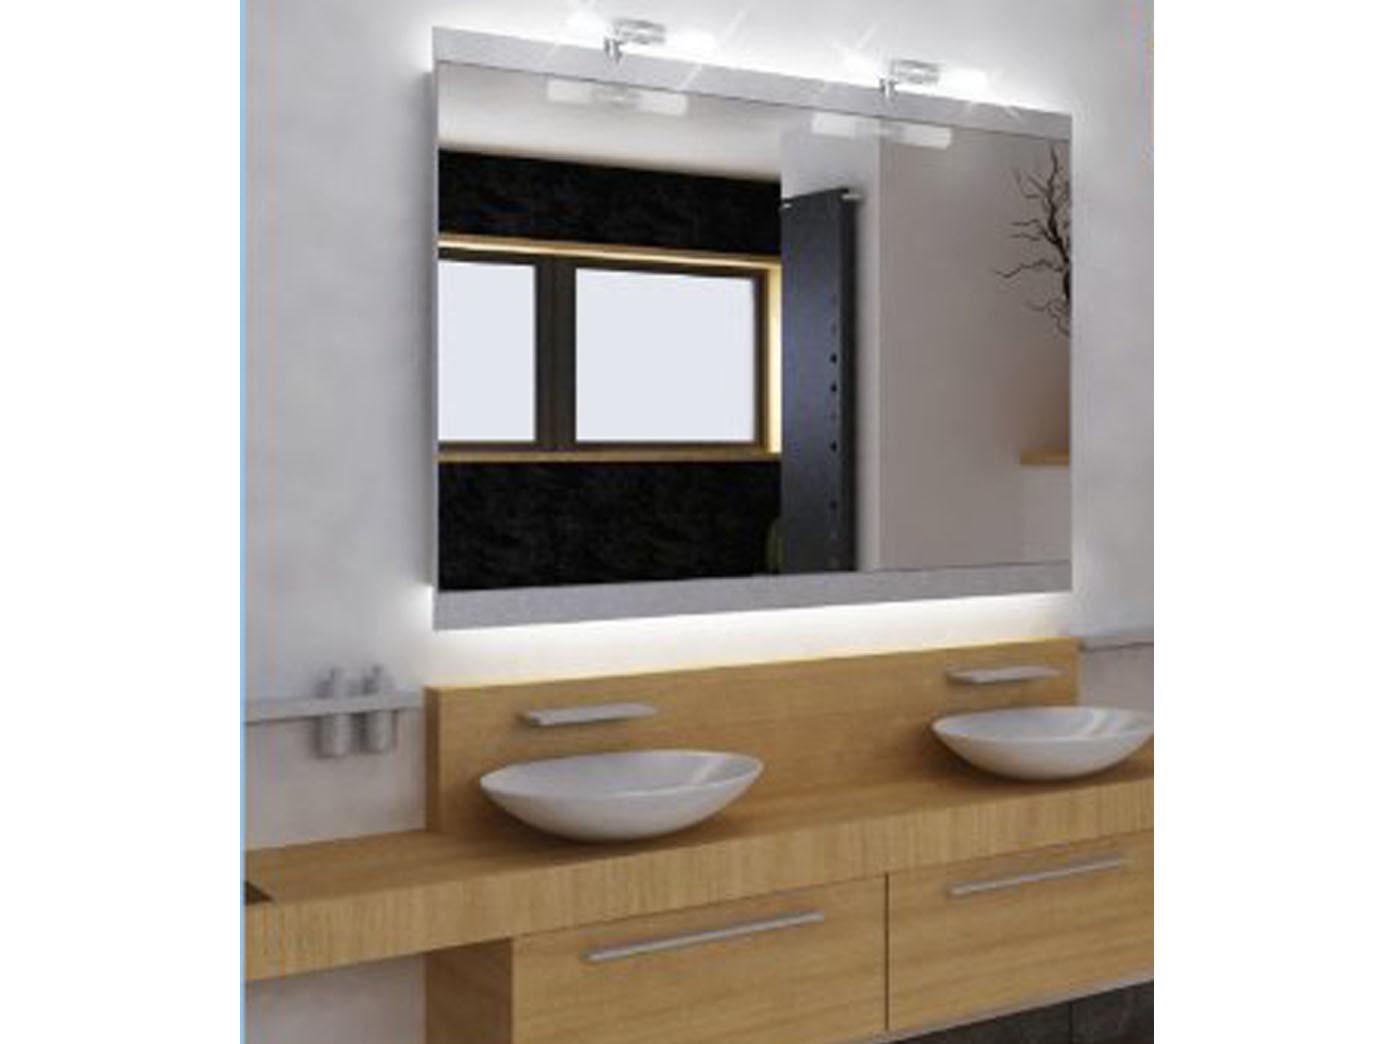 Spiegelleuchte COSENZA 2flammig fürs Badezimmer, Spiegellampe Bad ...